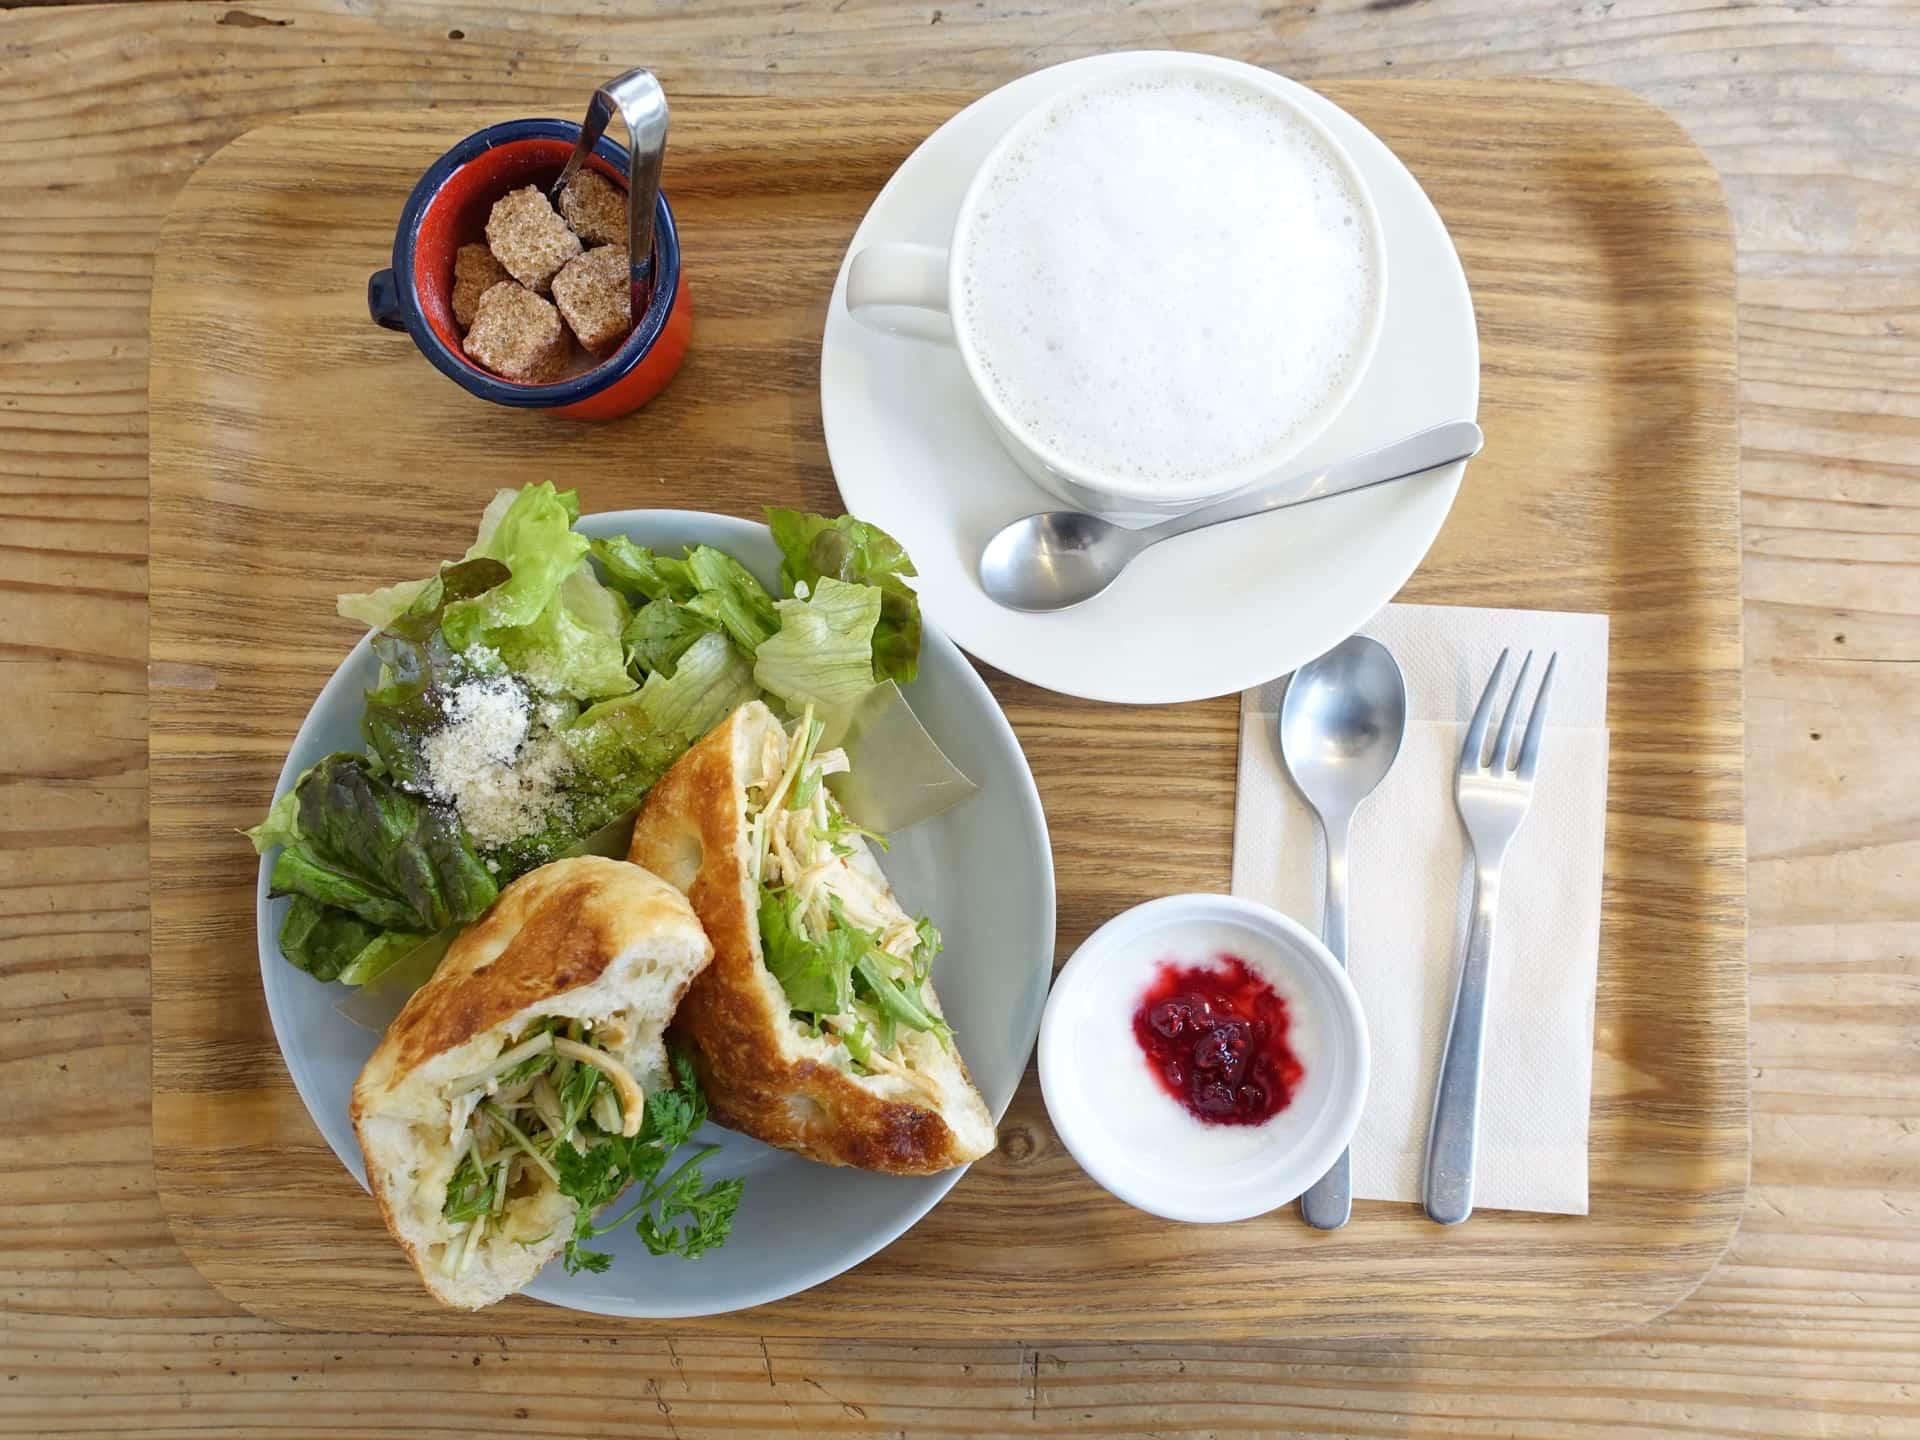 cafe yom pan(カフェヨムパン) − モーニングで外せないお店。花隈駅からすぐの場所で遅めの朝ごはん